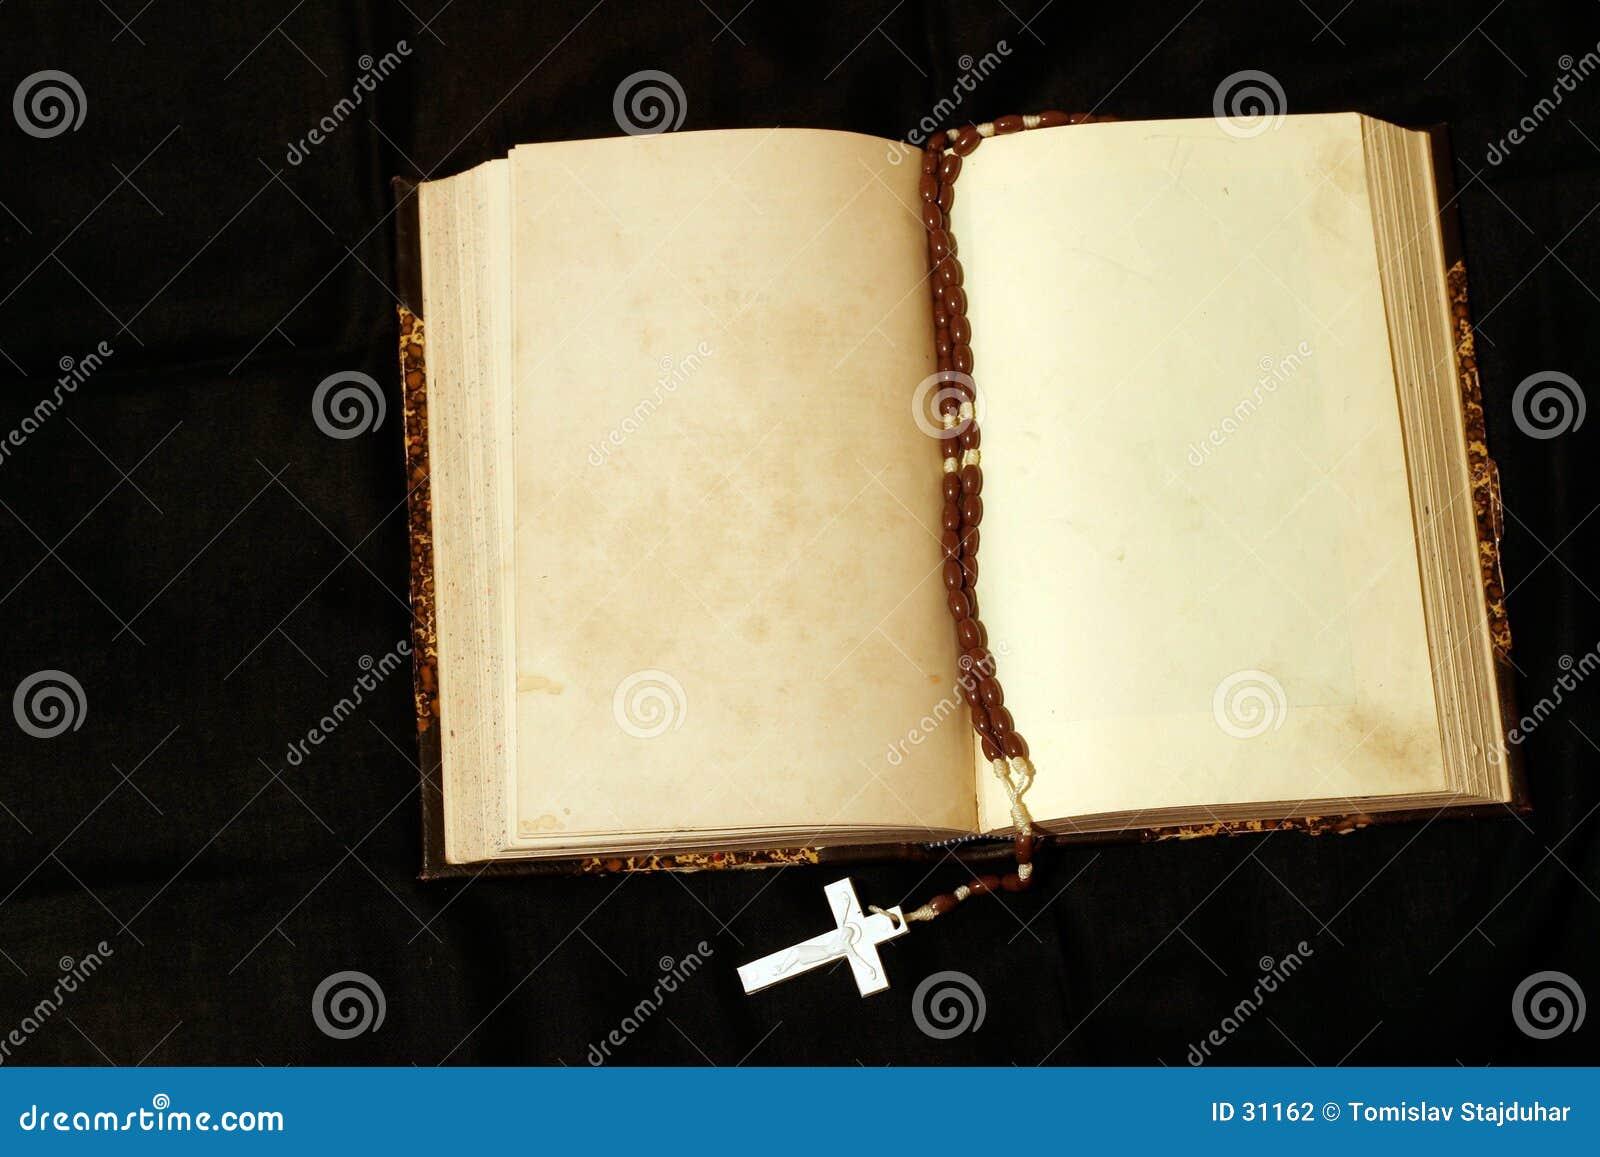 Rozentuin en leeg pagina sboek